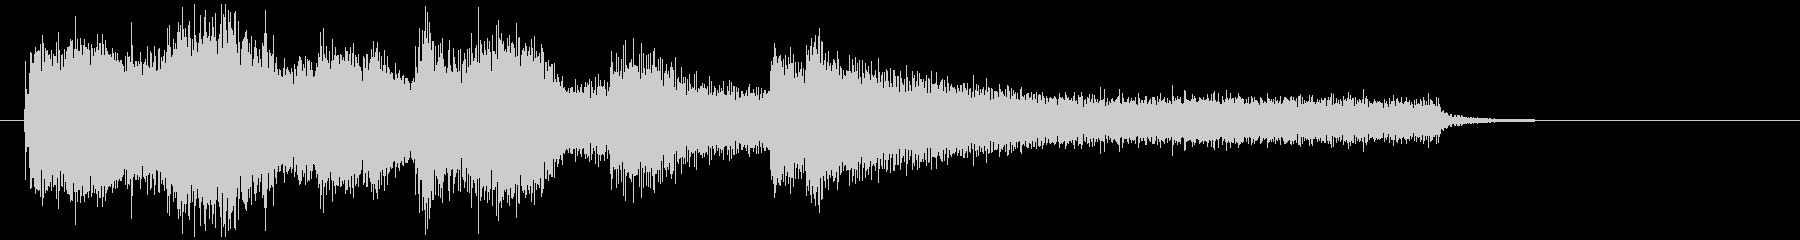 昭和のミステリー、サスペンス風なジングルの未再生の波形